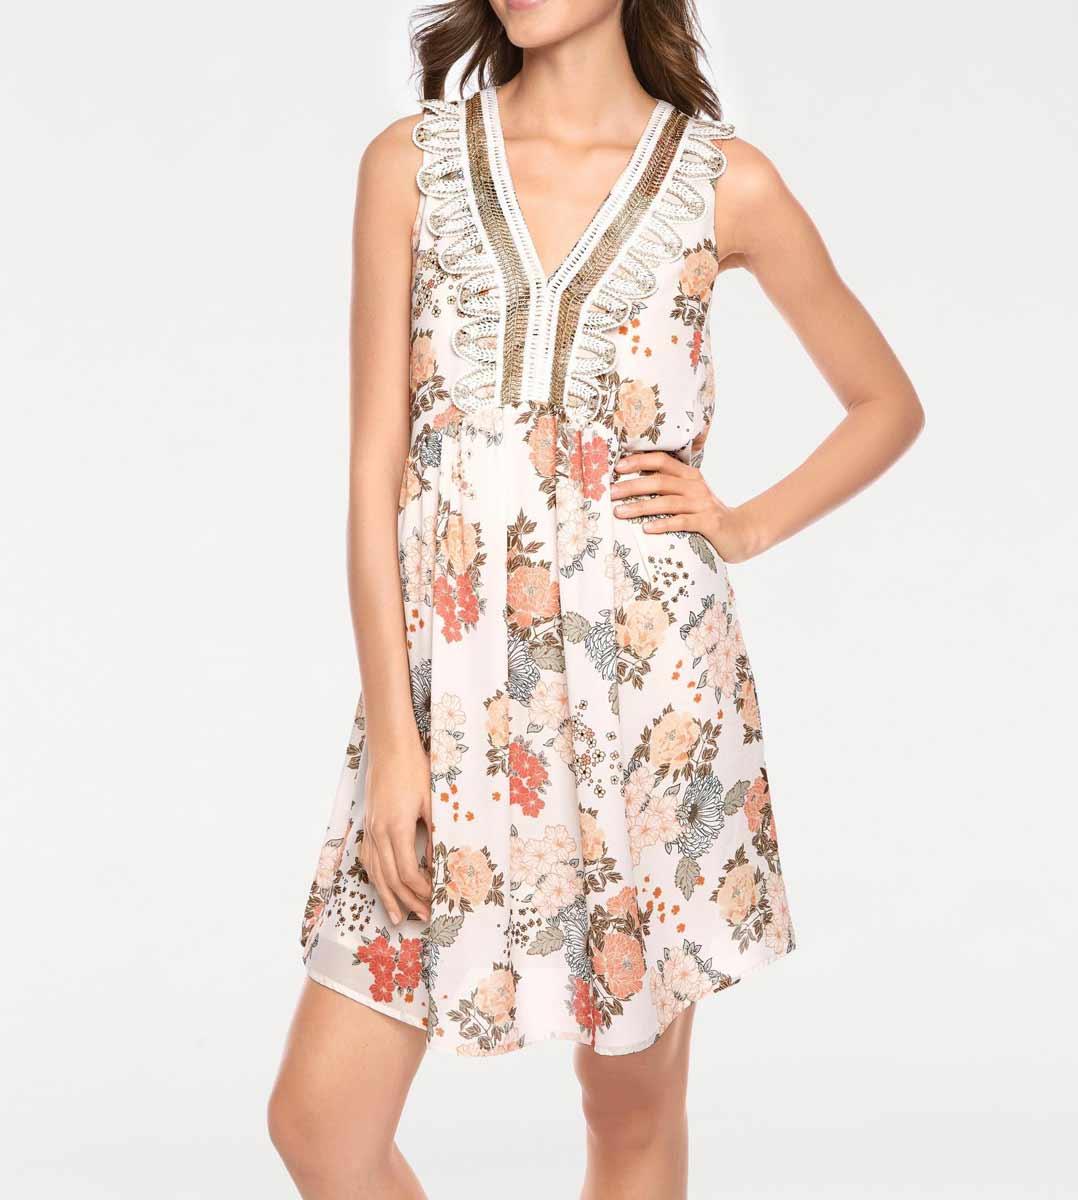 794.803 Sommerkleid Babydoll Kleid Hängerchen bunt Blumenmuster Damenkleid